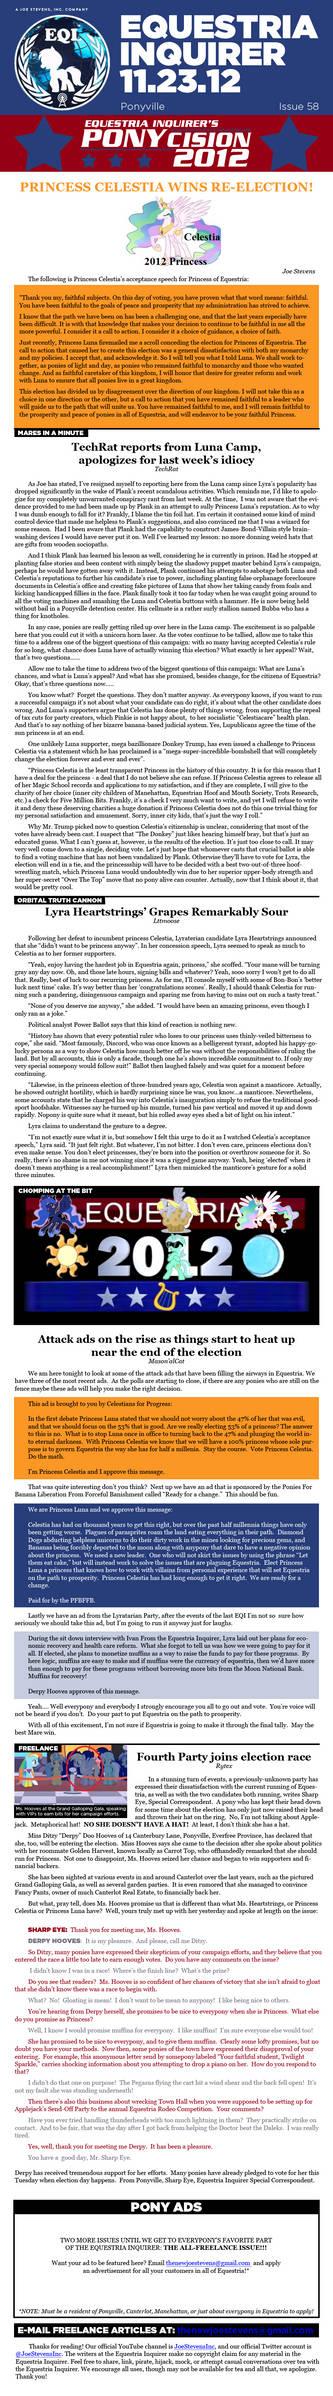 Equestria Inquirer 58